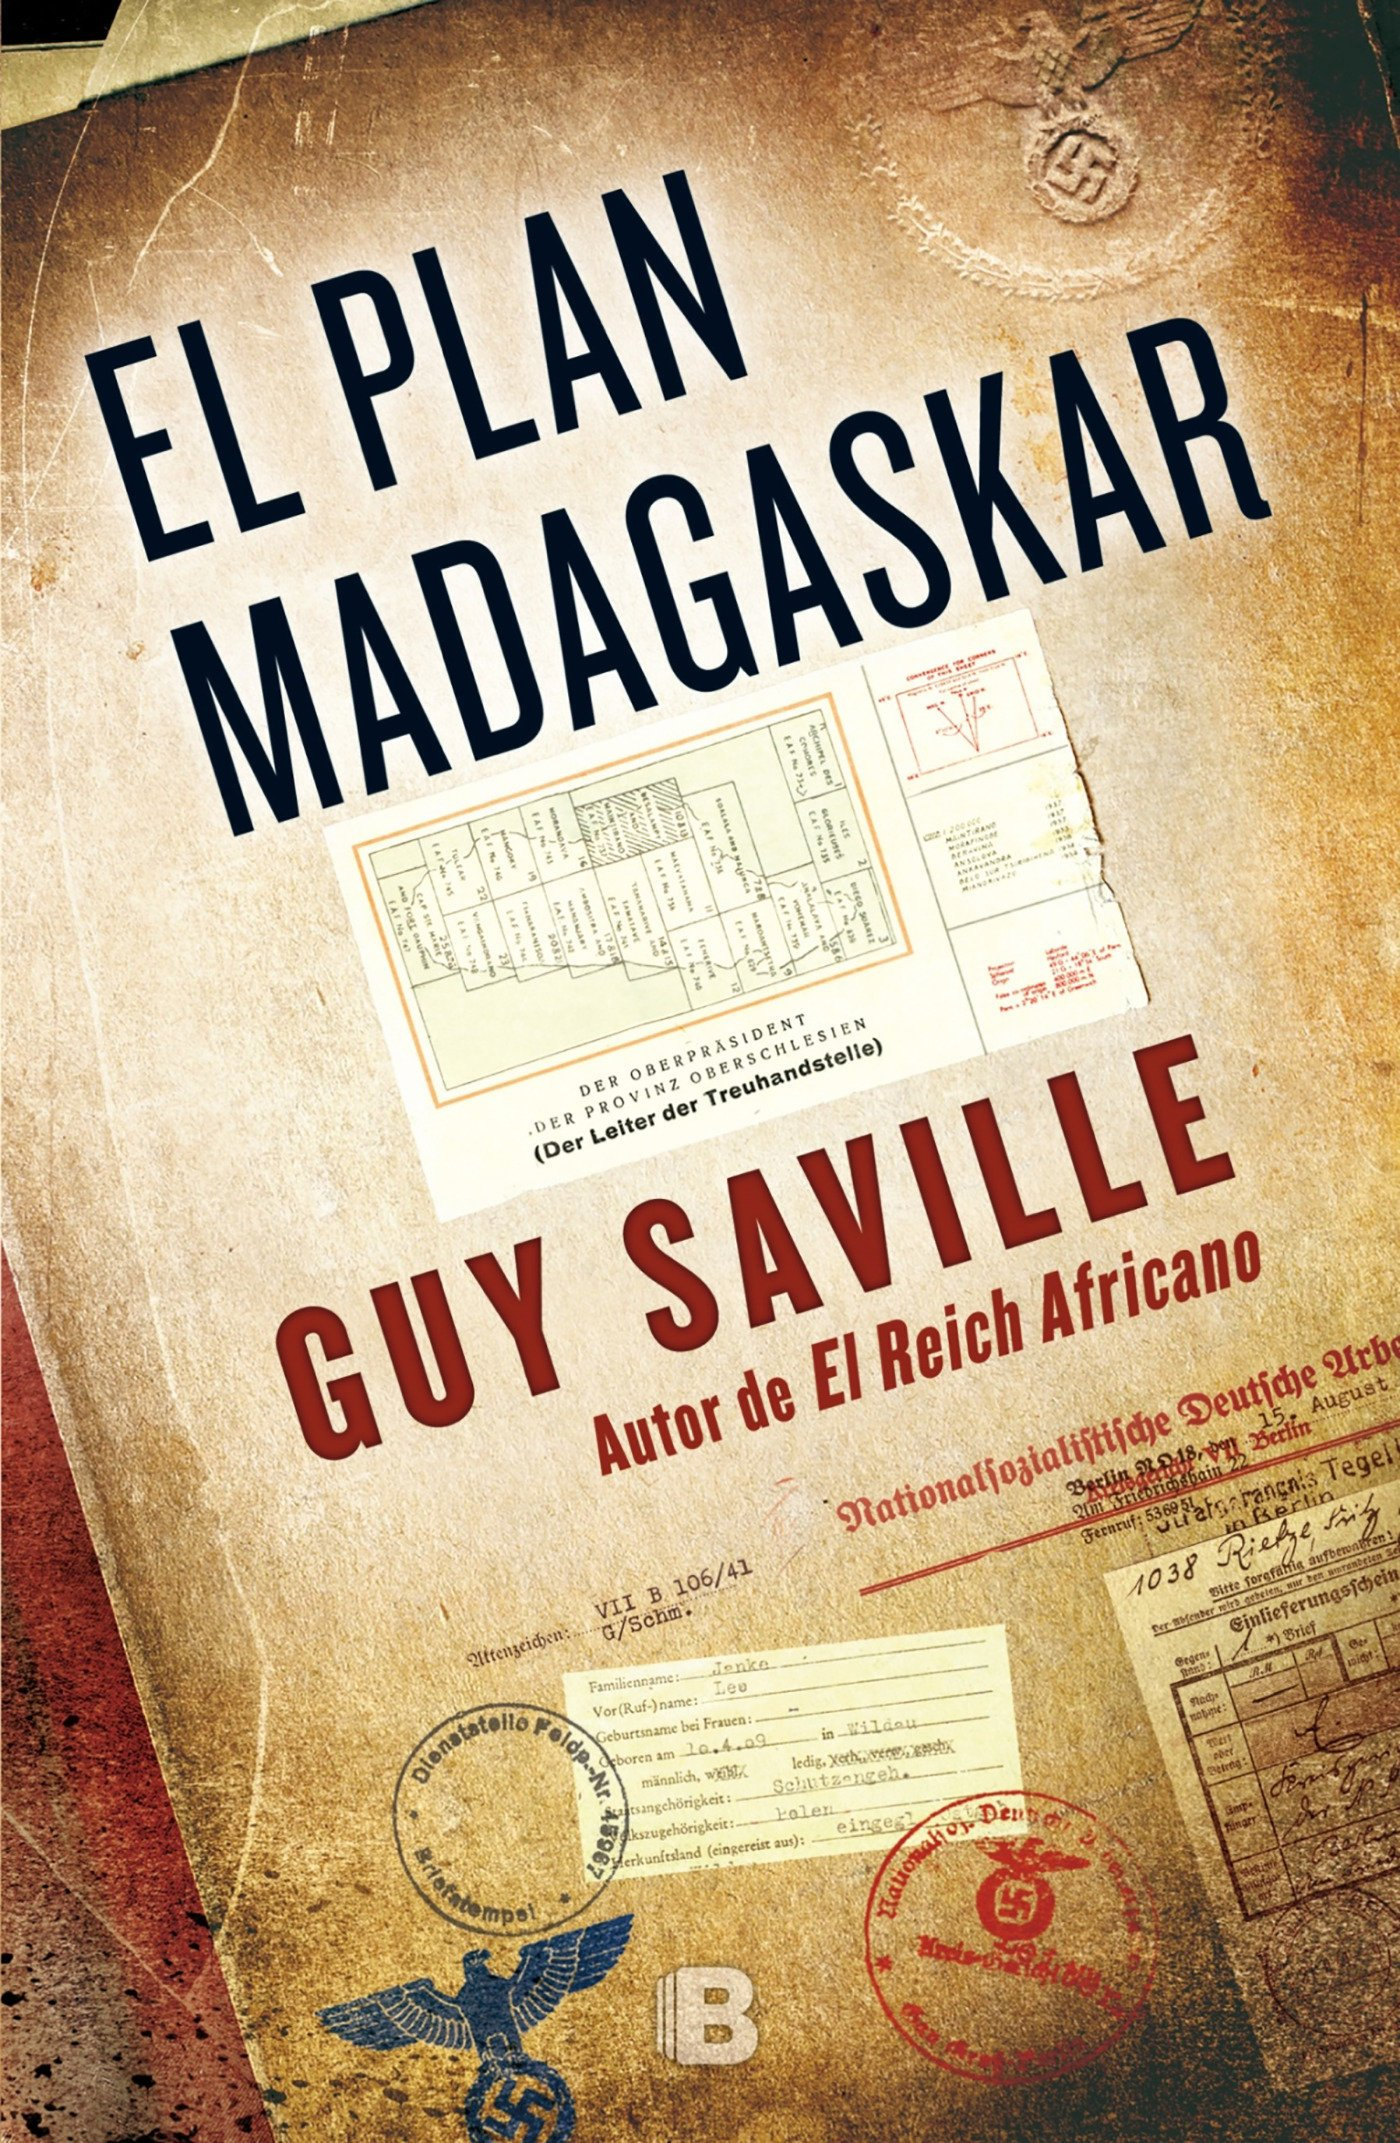 El plan Madagaskar (Spanish Edition): Guy Saville: 9788466660624: Amazon.com: Books